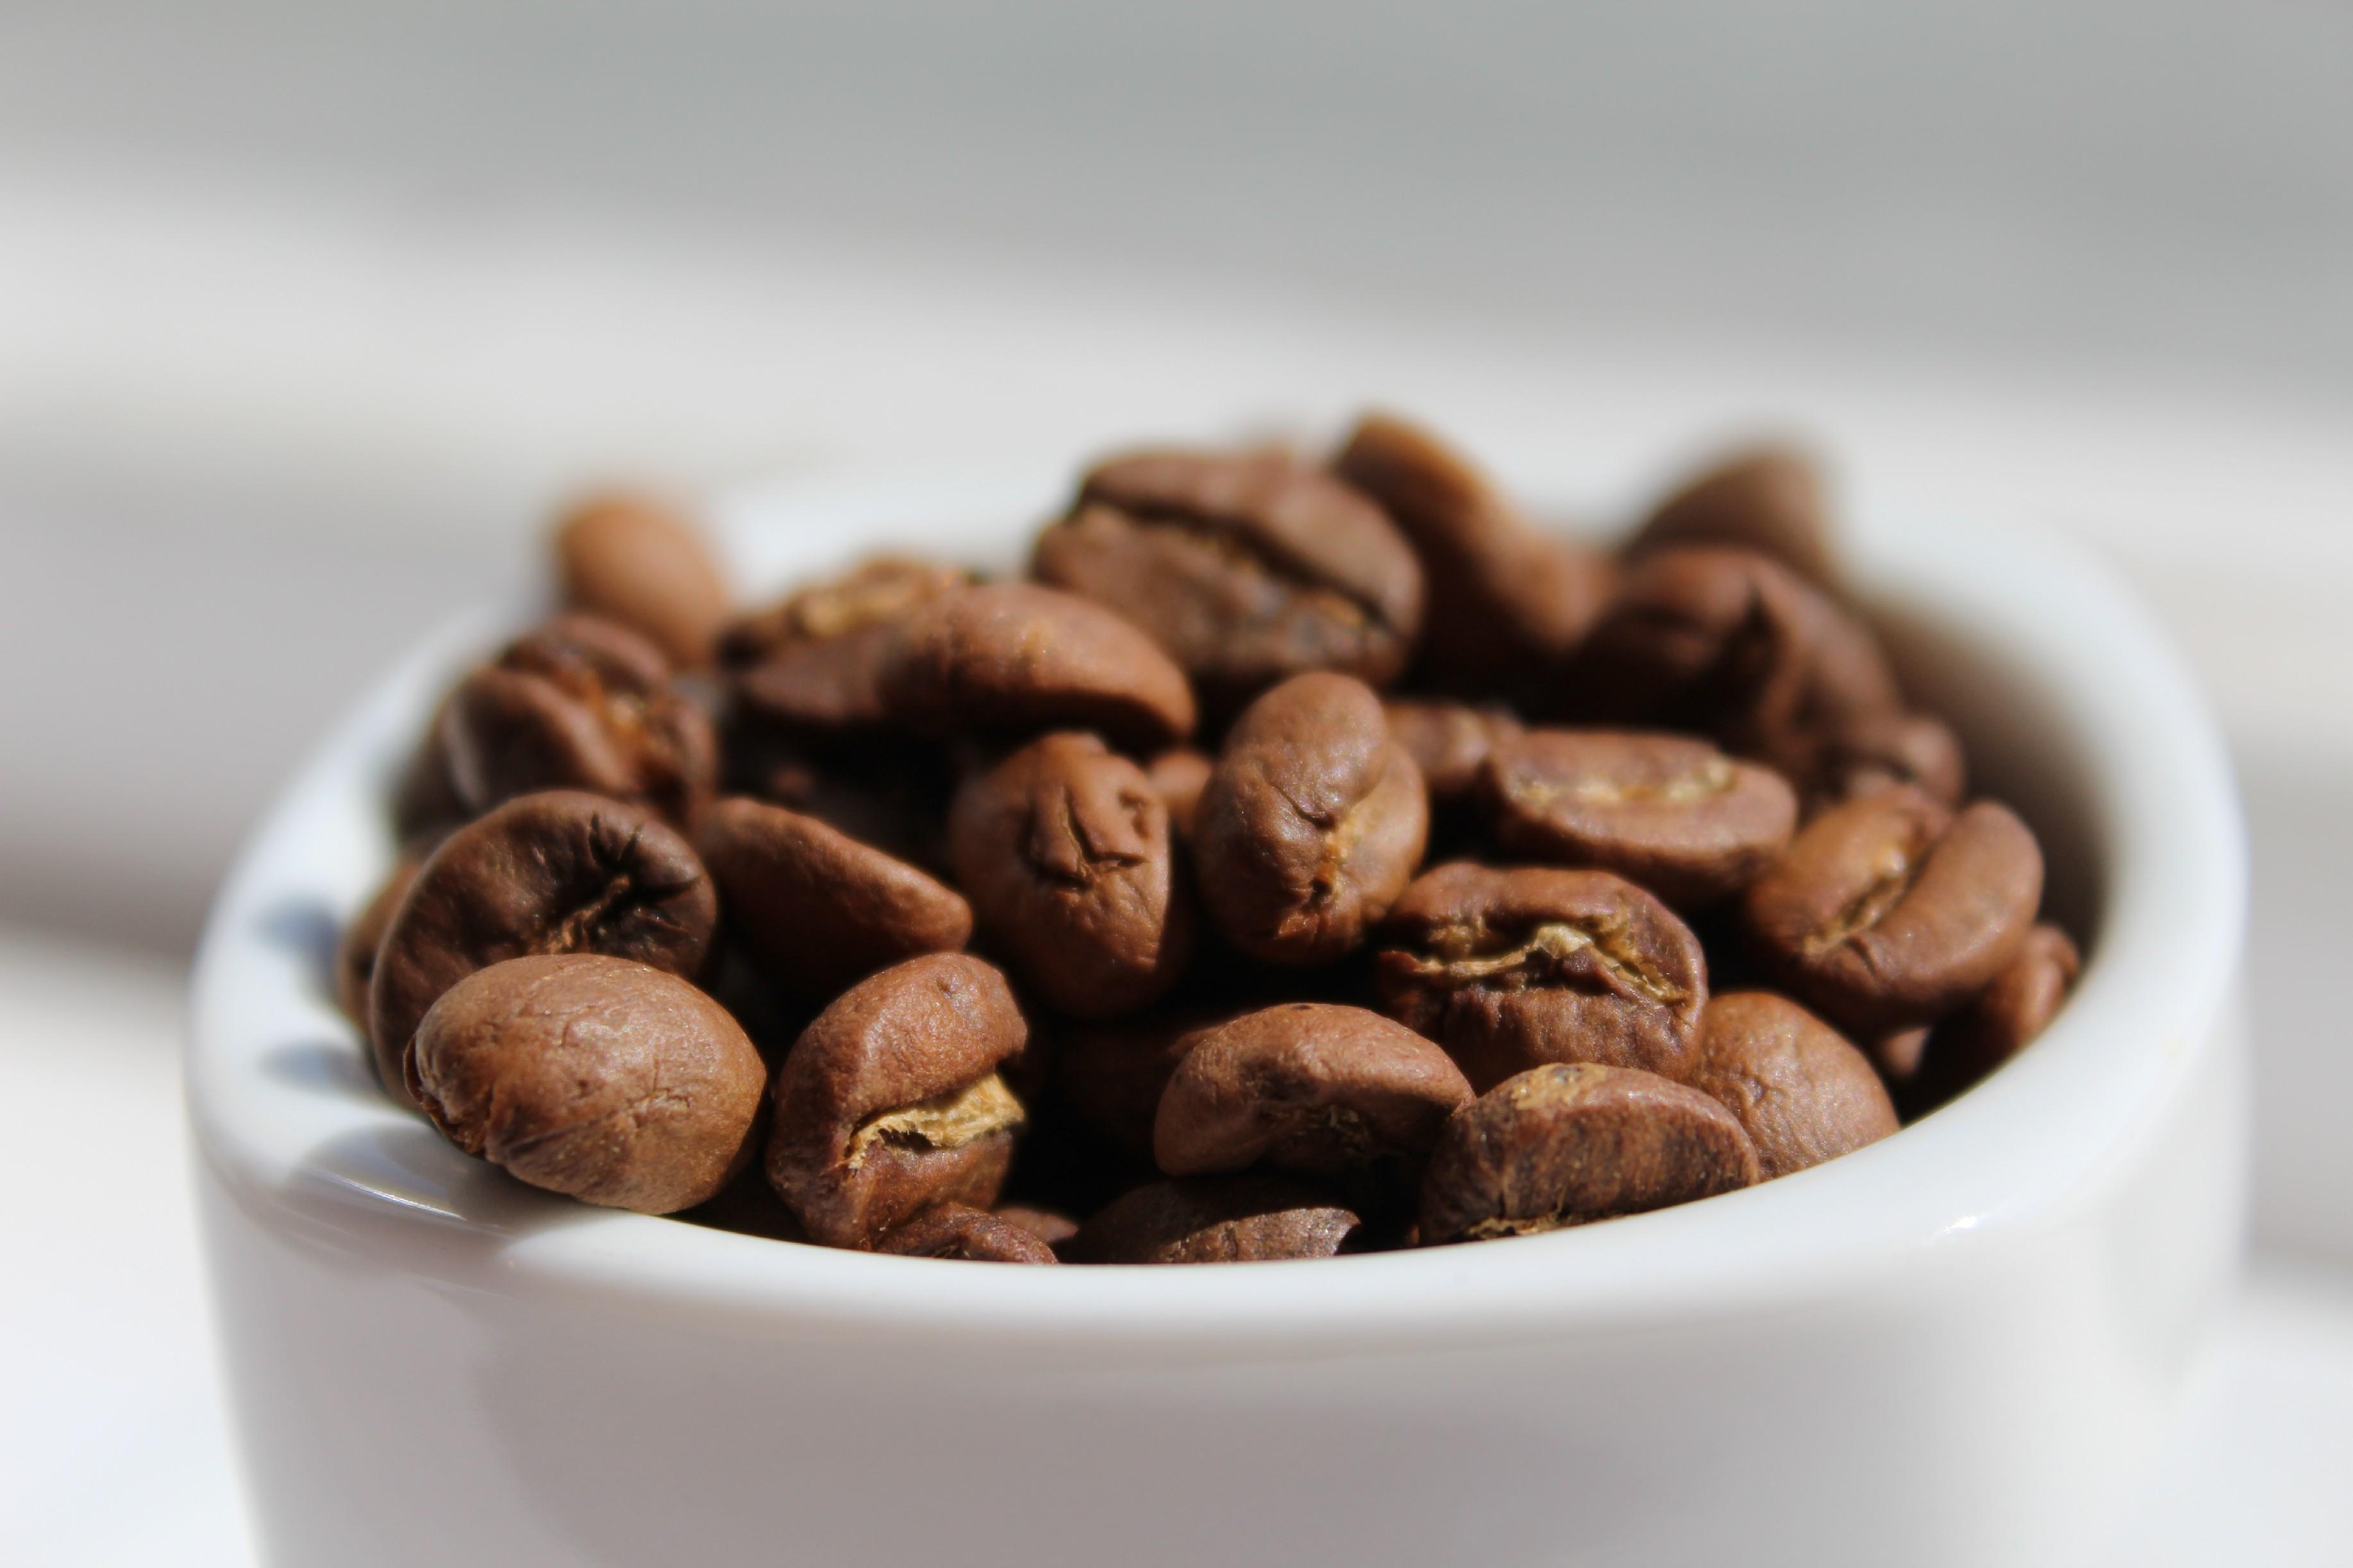 BotaCoffee El Salvador SHG EP Organic RFA Finca Las Nubes Cuzcachapa (1kg) Mletí kávy: Zrnková